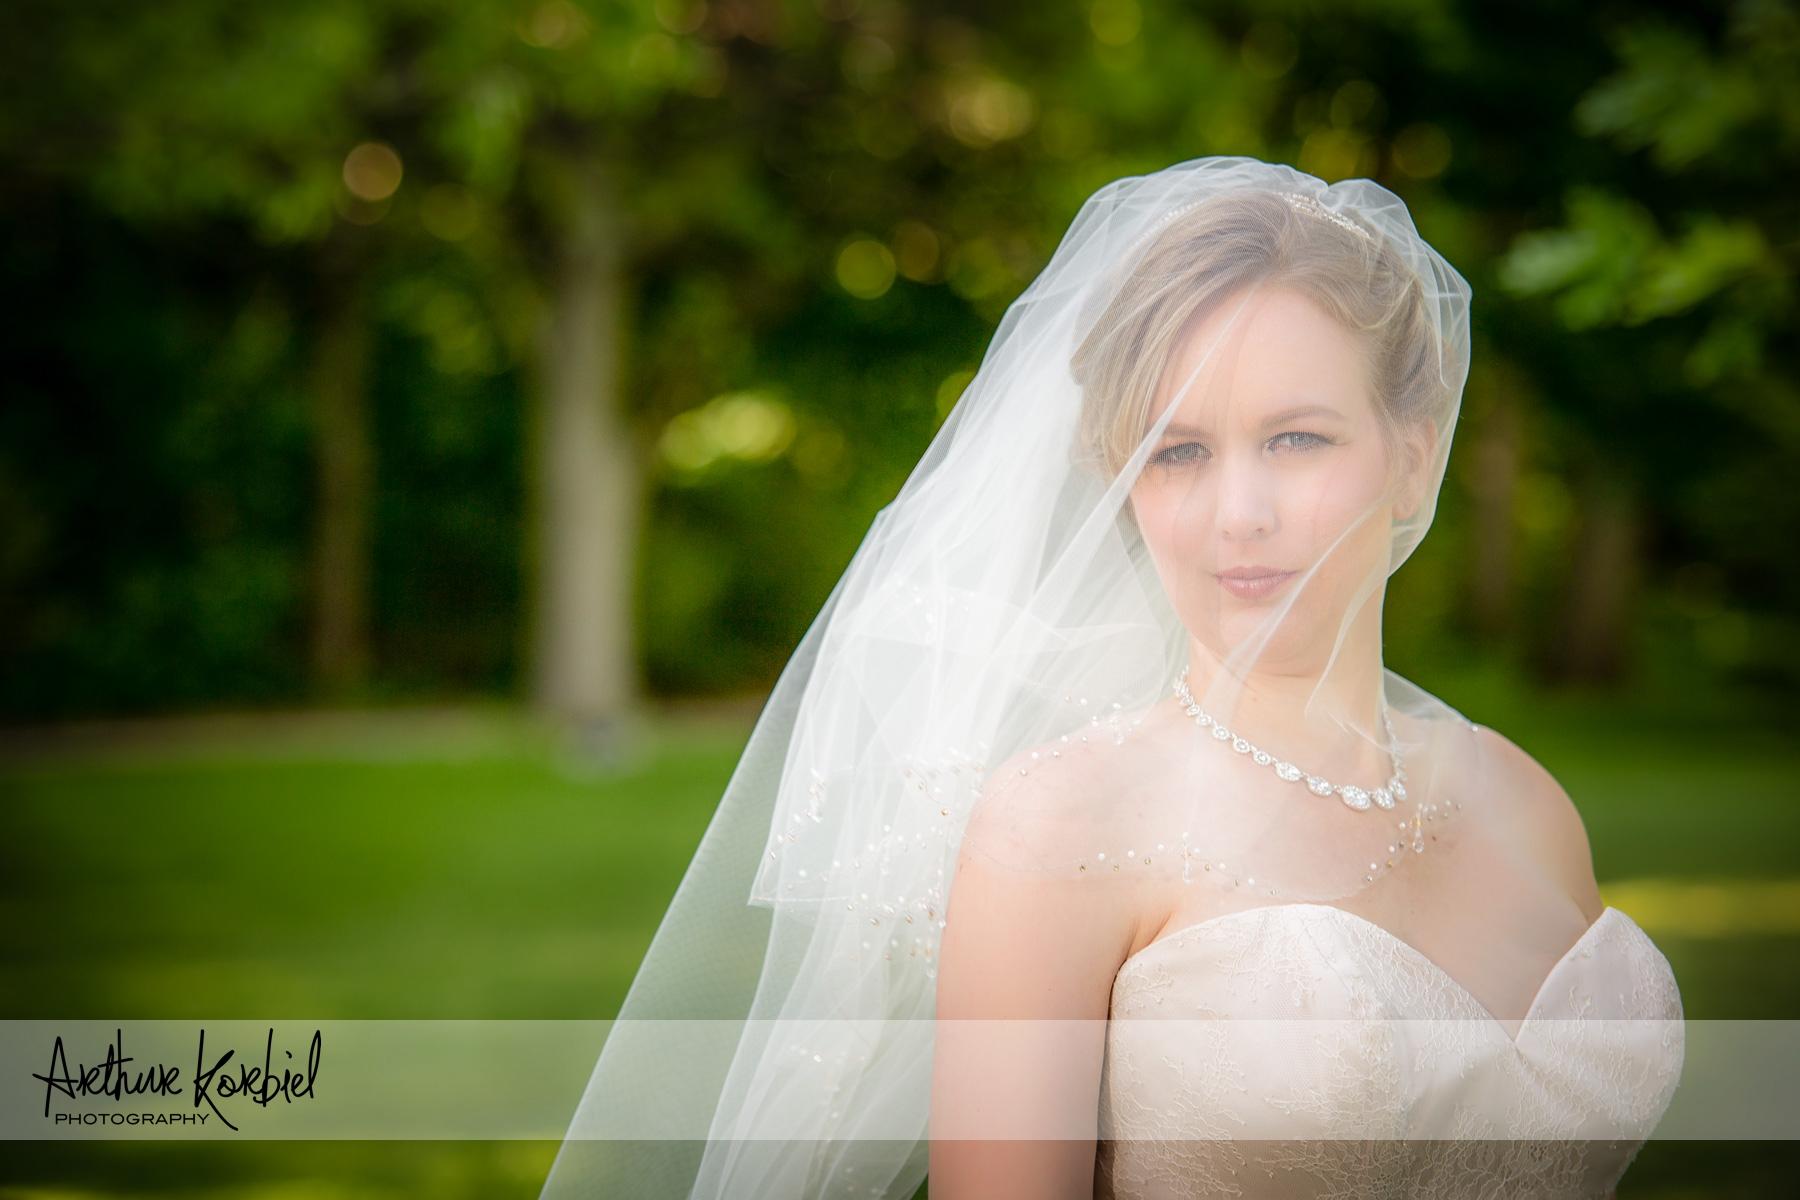 Arthur Korbiel Photography - London Wedding Photographer-010.jpg